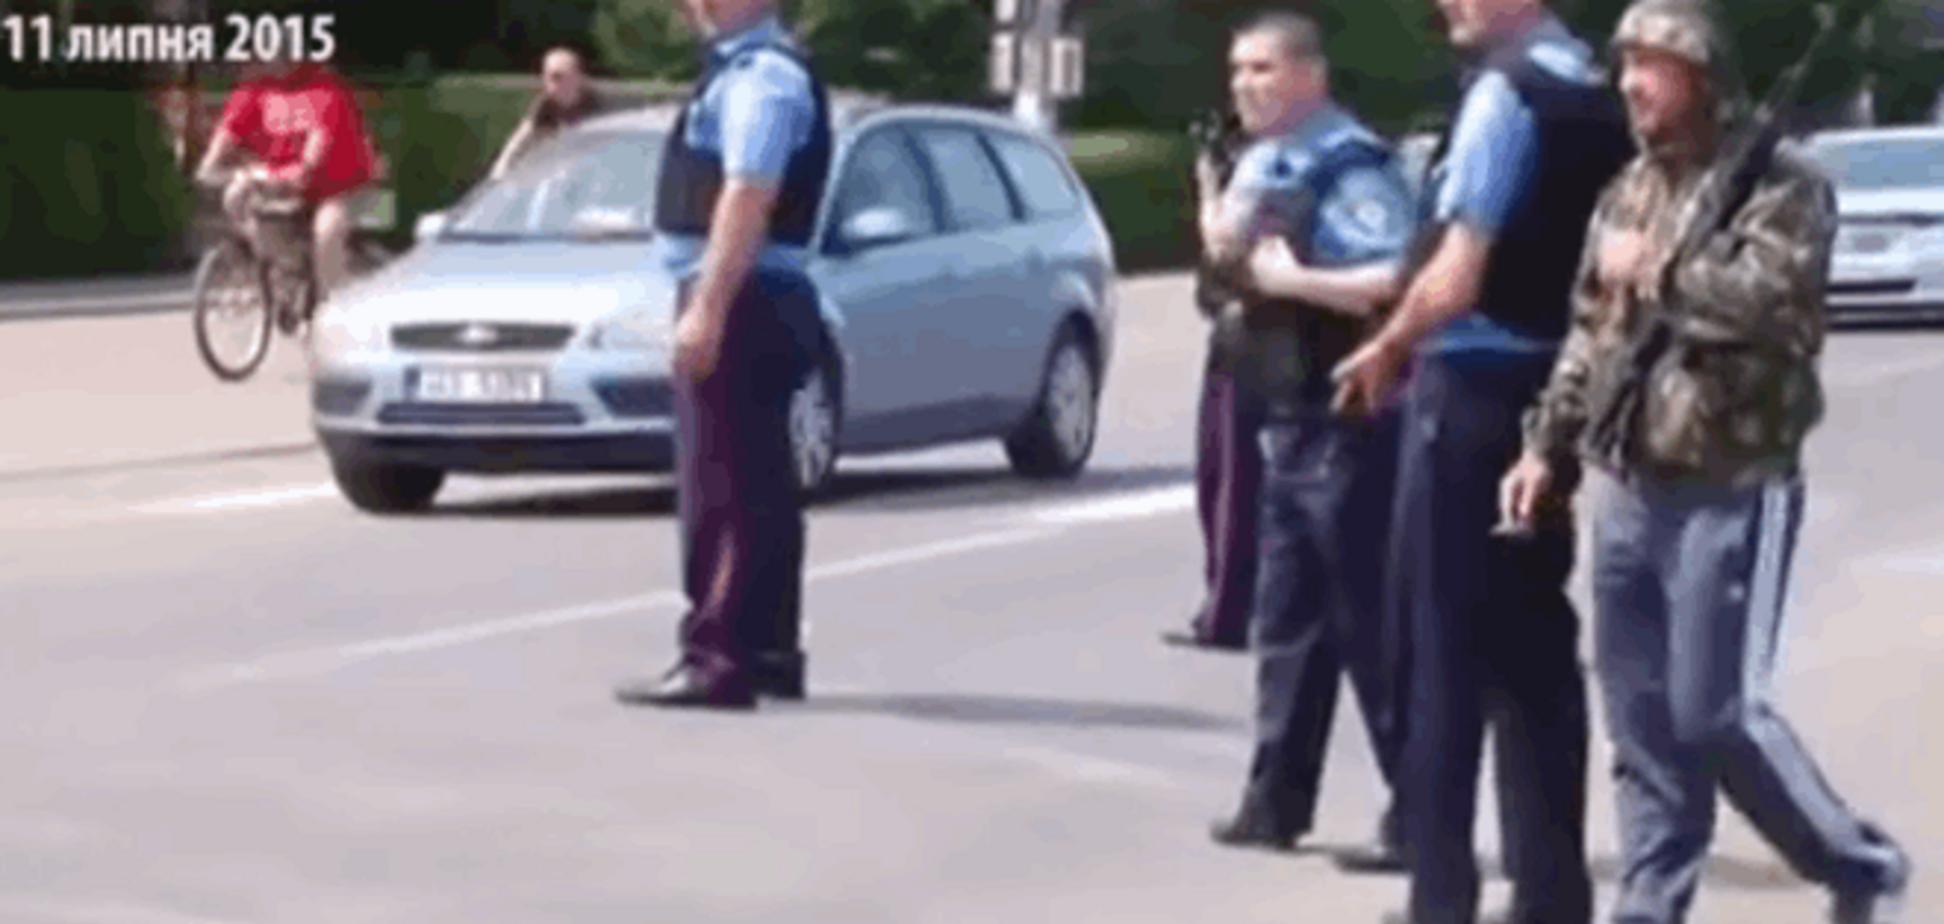 'Гопники' с автоматами. СМИ показали уникальные кадры из Мукачево